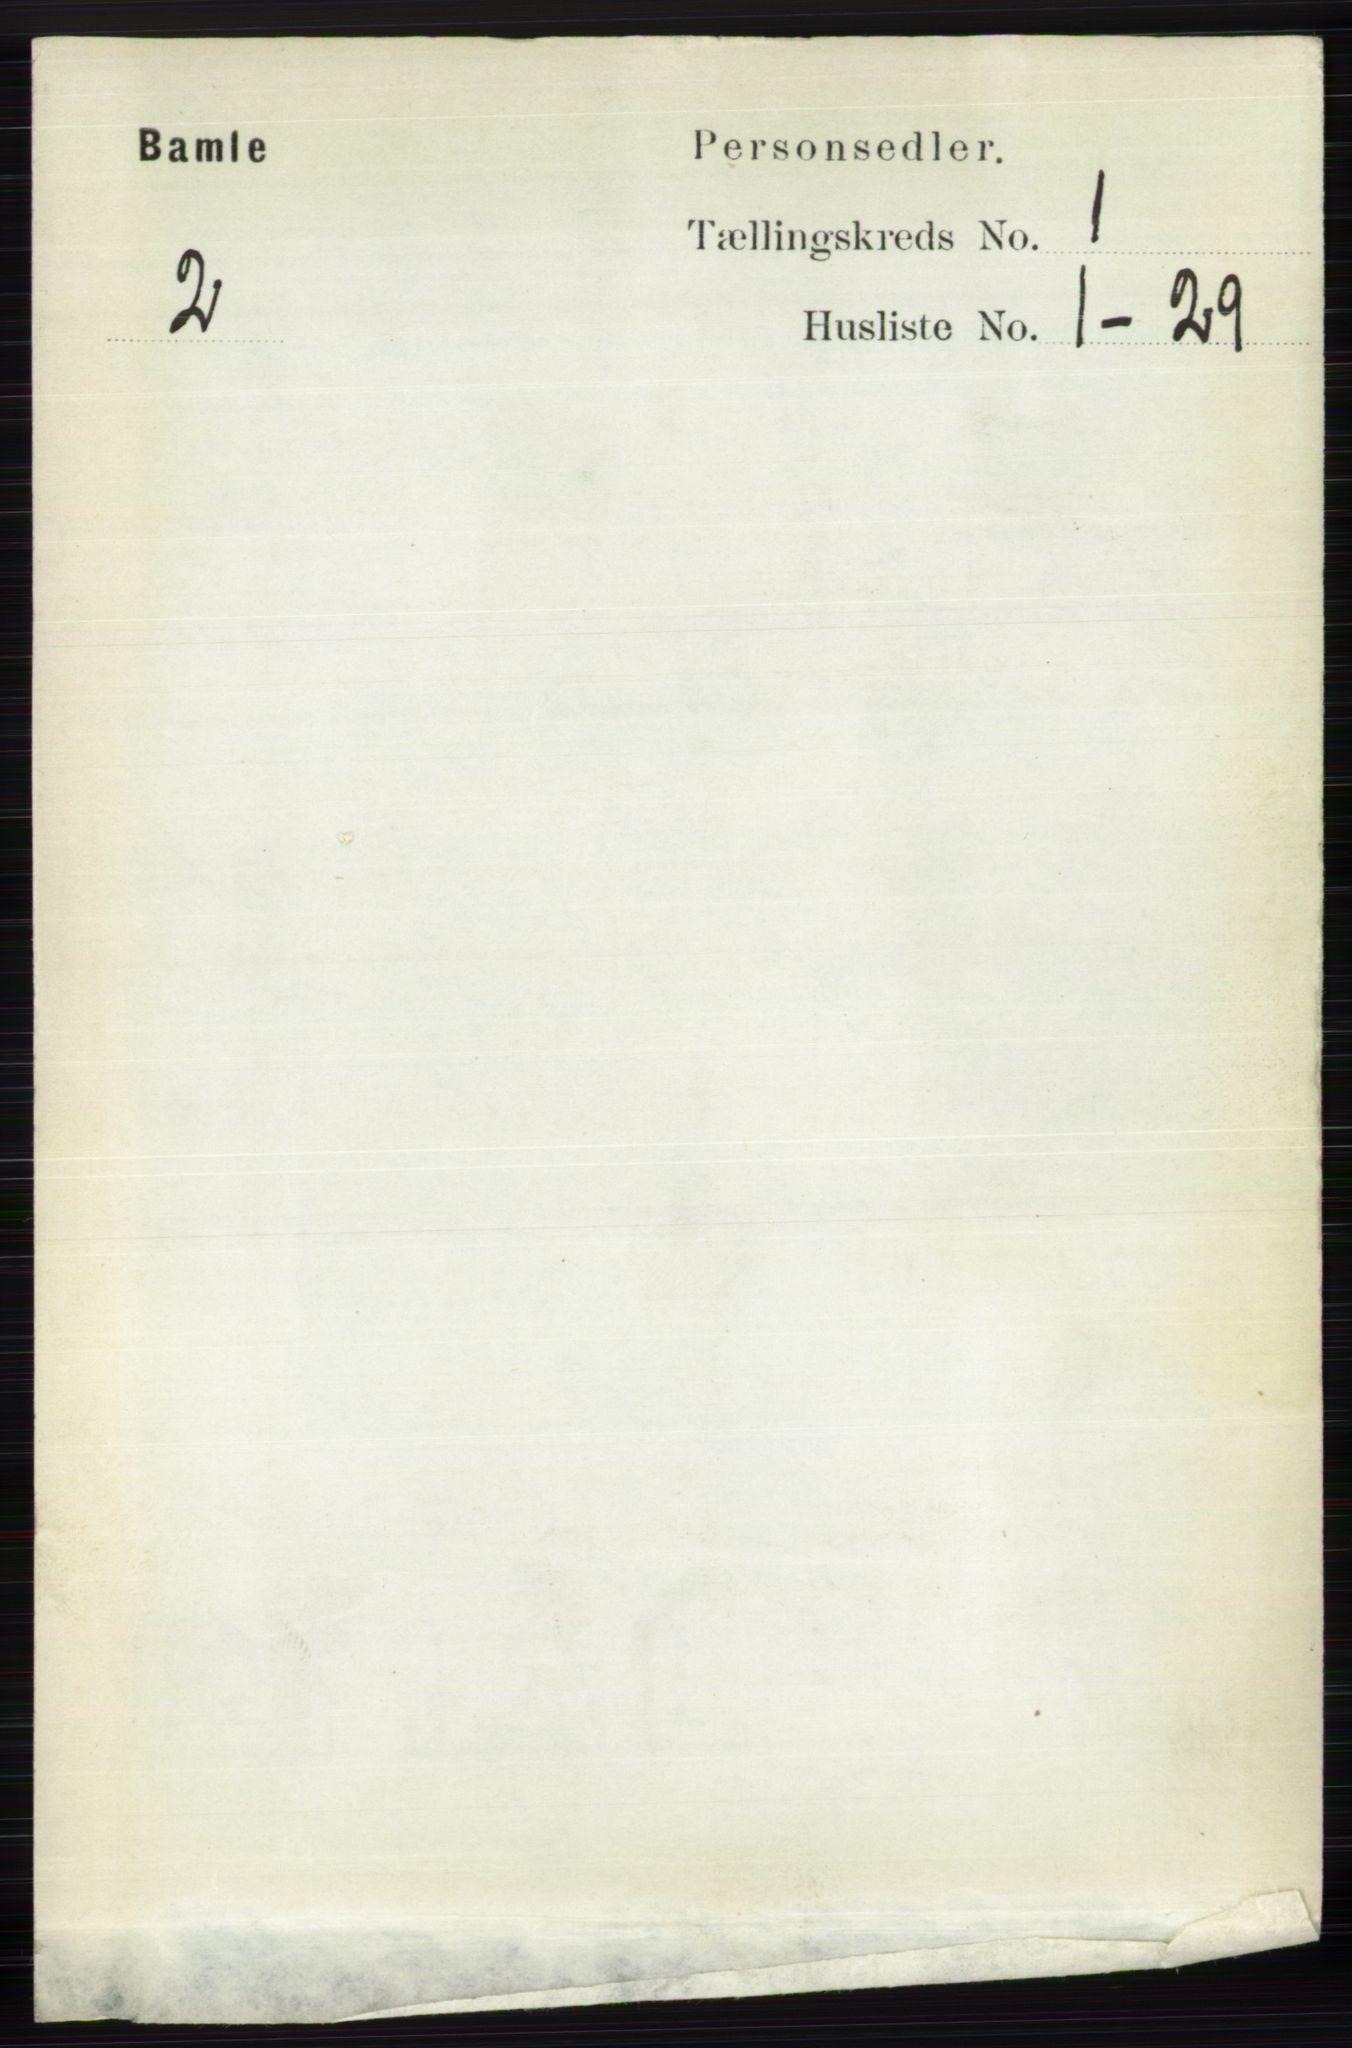 RA, Folketelling 1891 for 0814 Bamble herred, 1891, s. 140